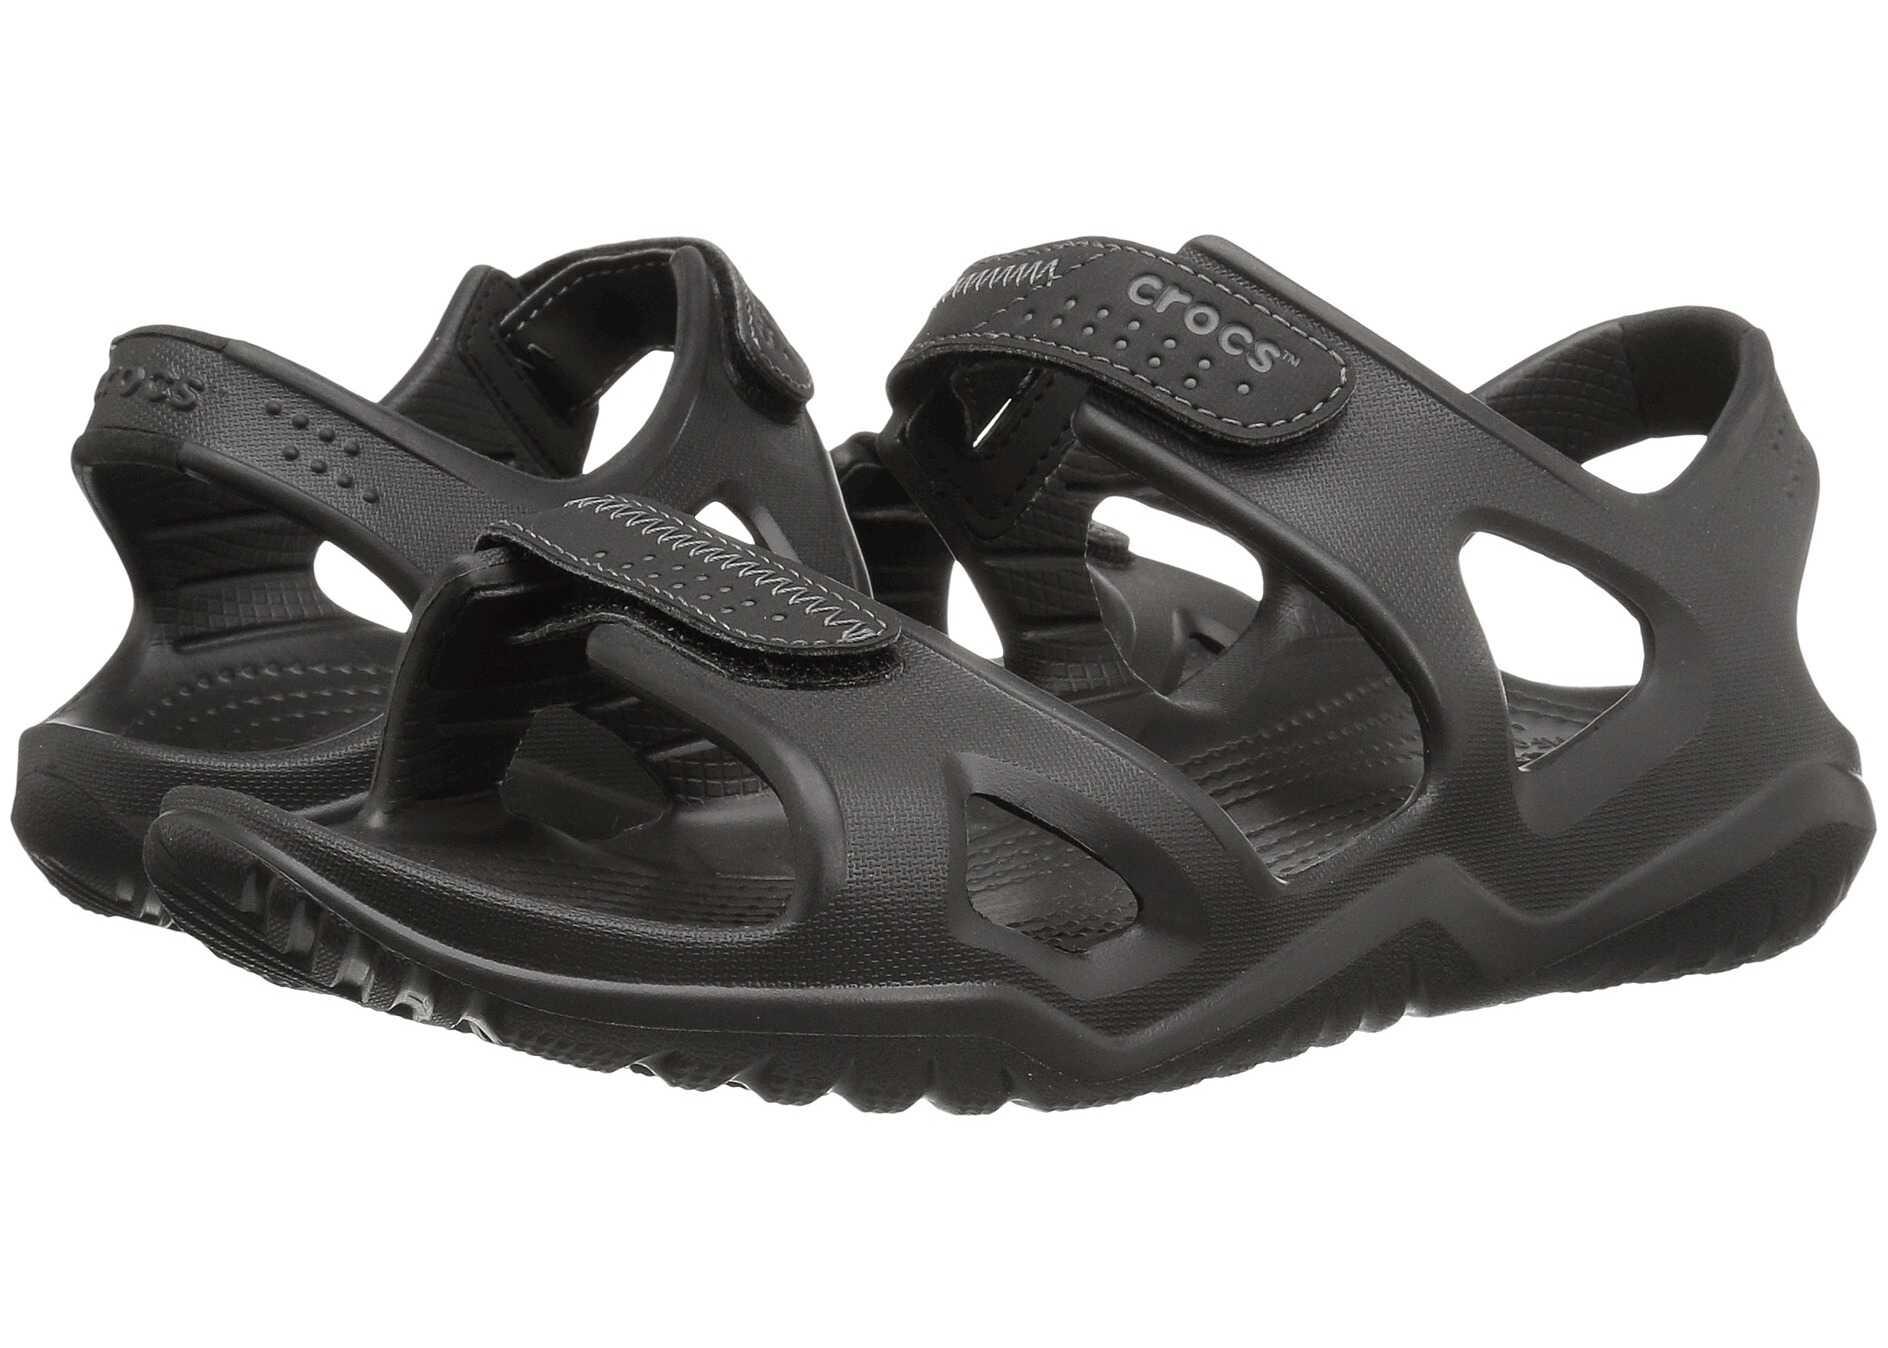 Crocs Swiftwater River Sandal Black/Black